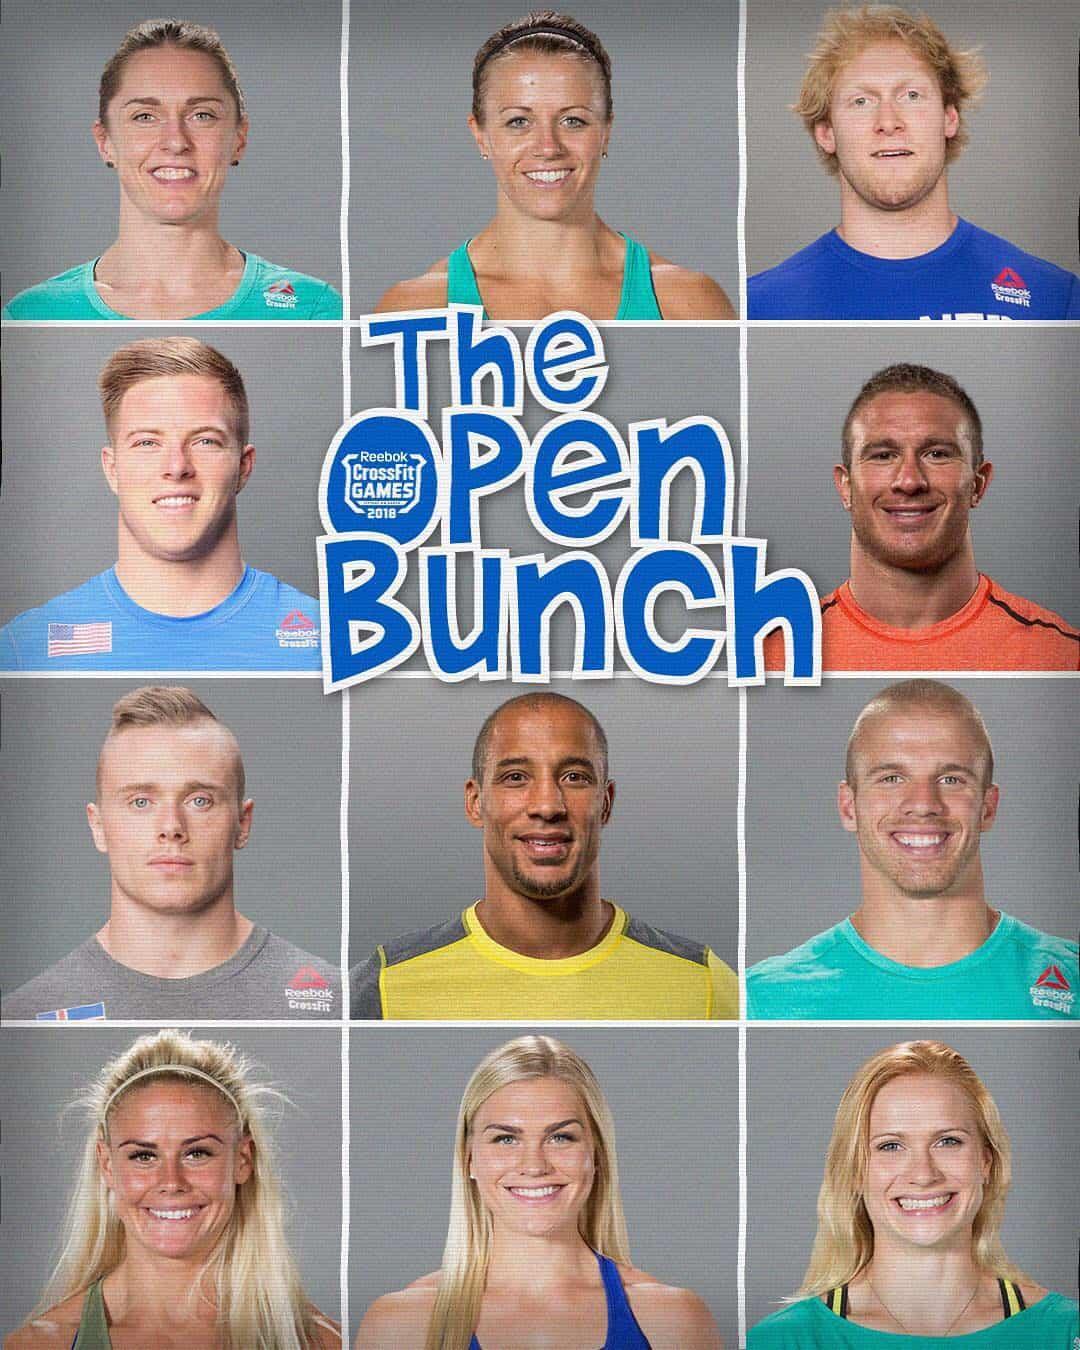 Атлеты, которые будут представлять комплексы Open